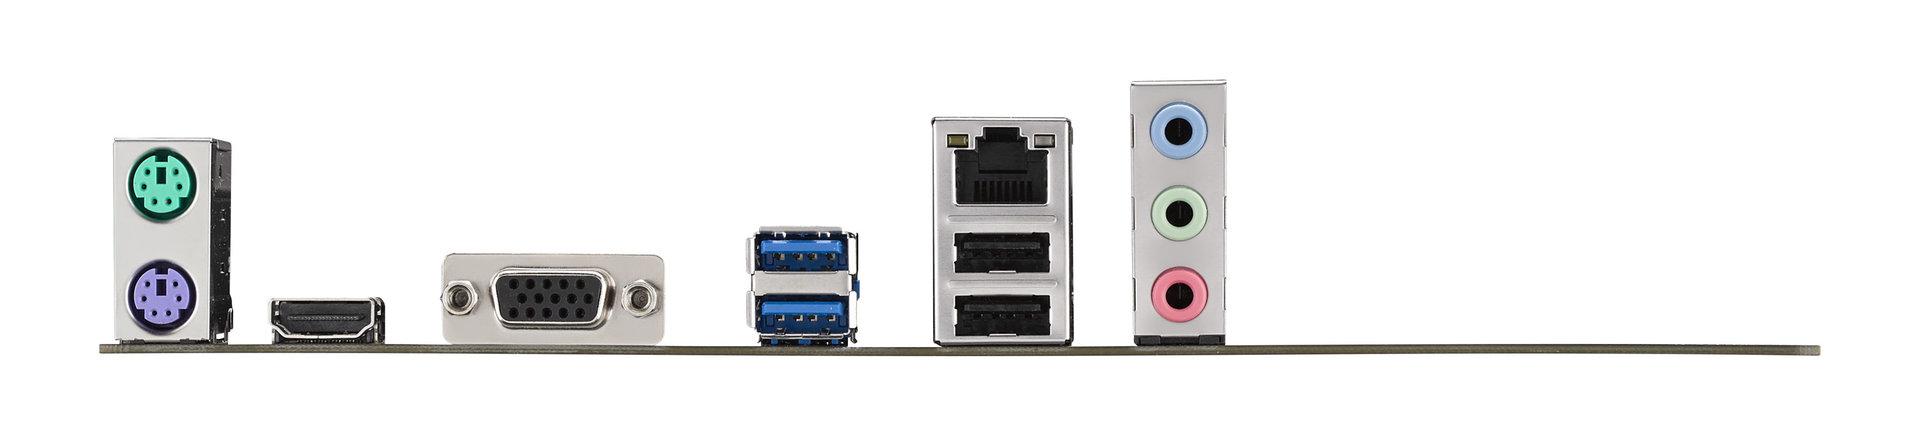 Asus B85M-Gamer – das I/O-Panel